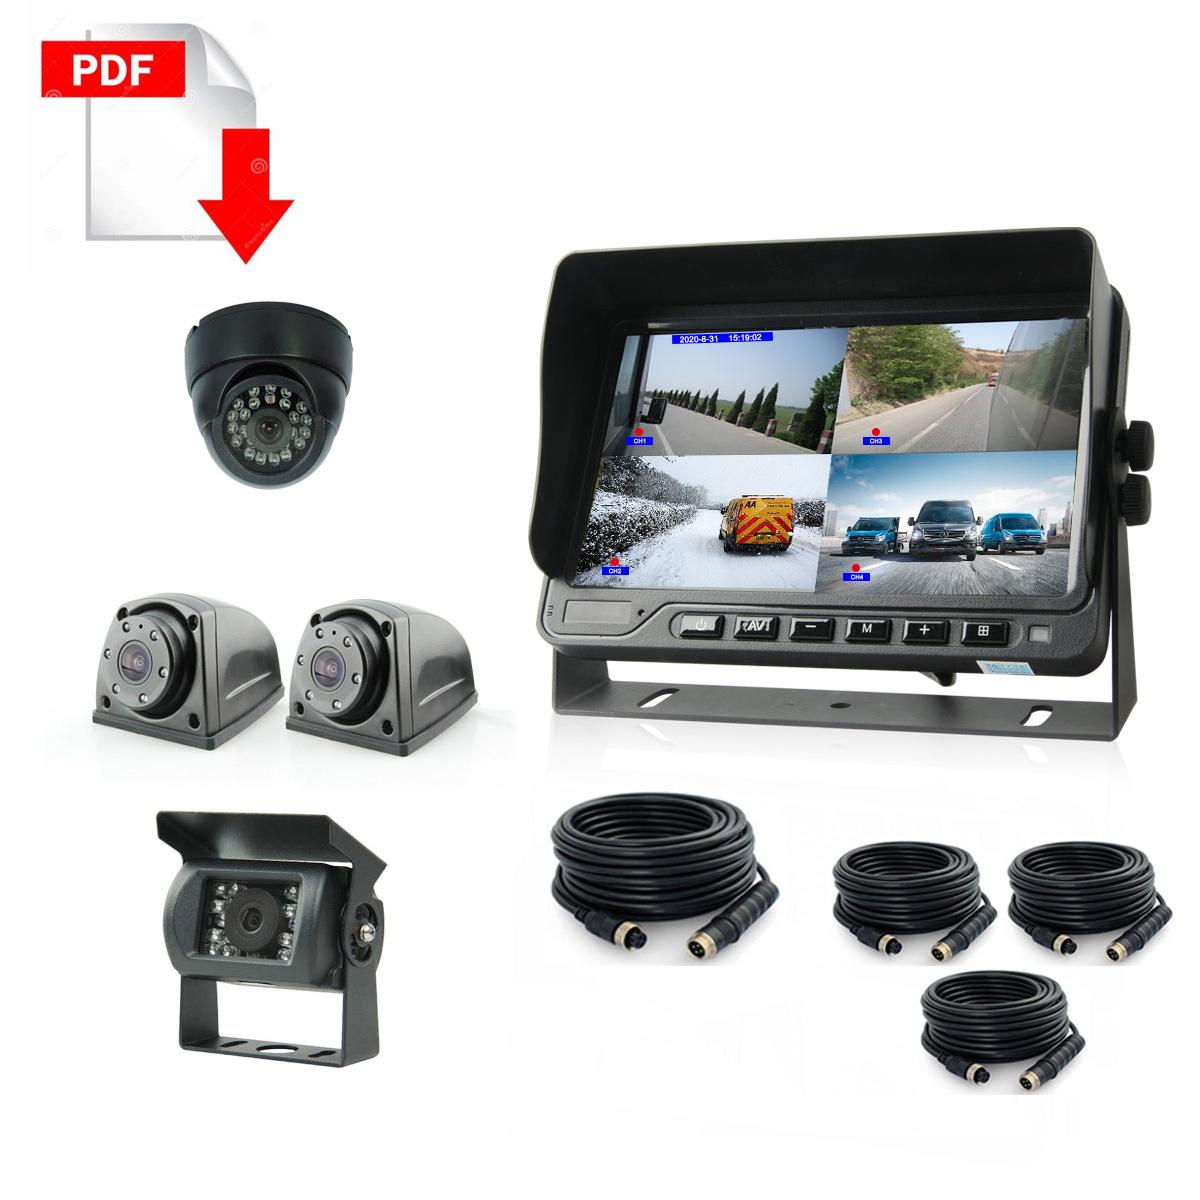 Ambulance DVR-camera-system